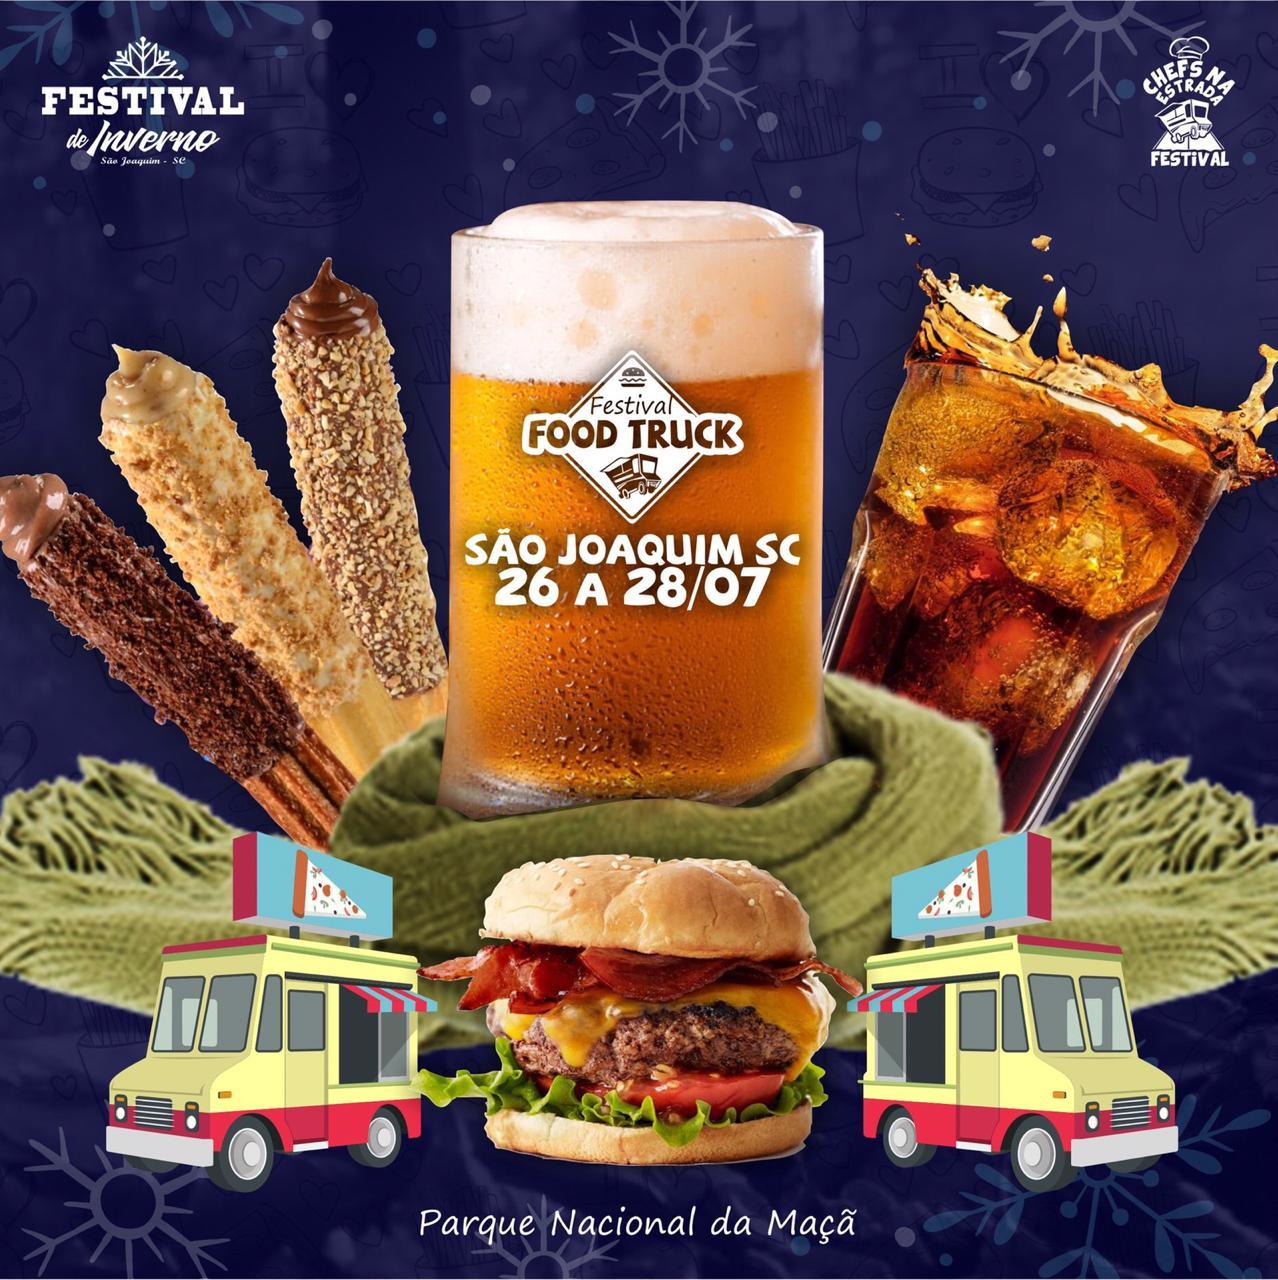 Última semana para aproveitar o Festival de Inverno em São Joaquim